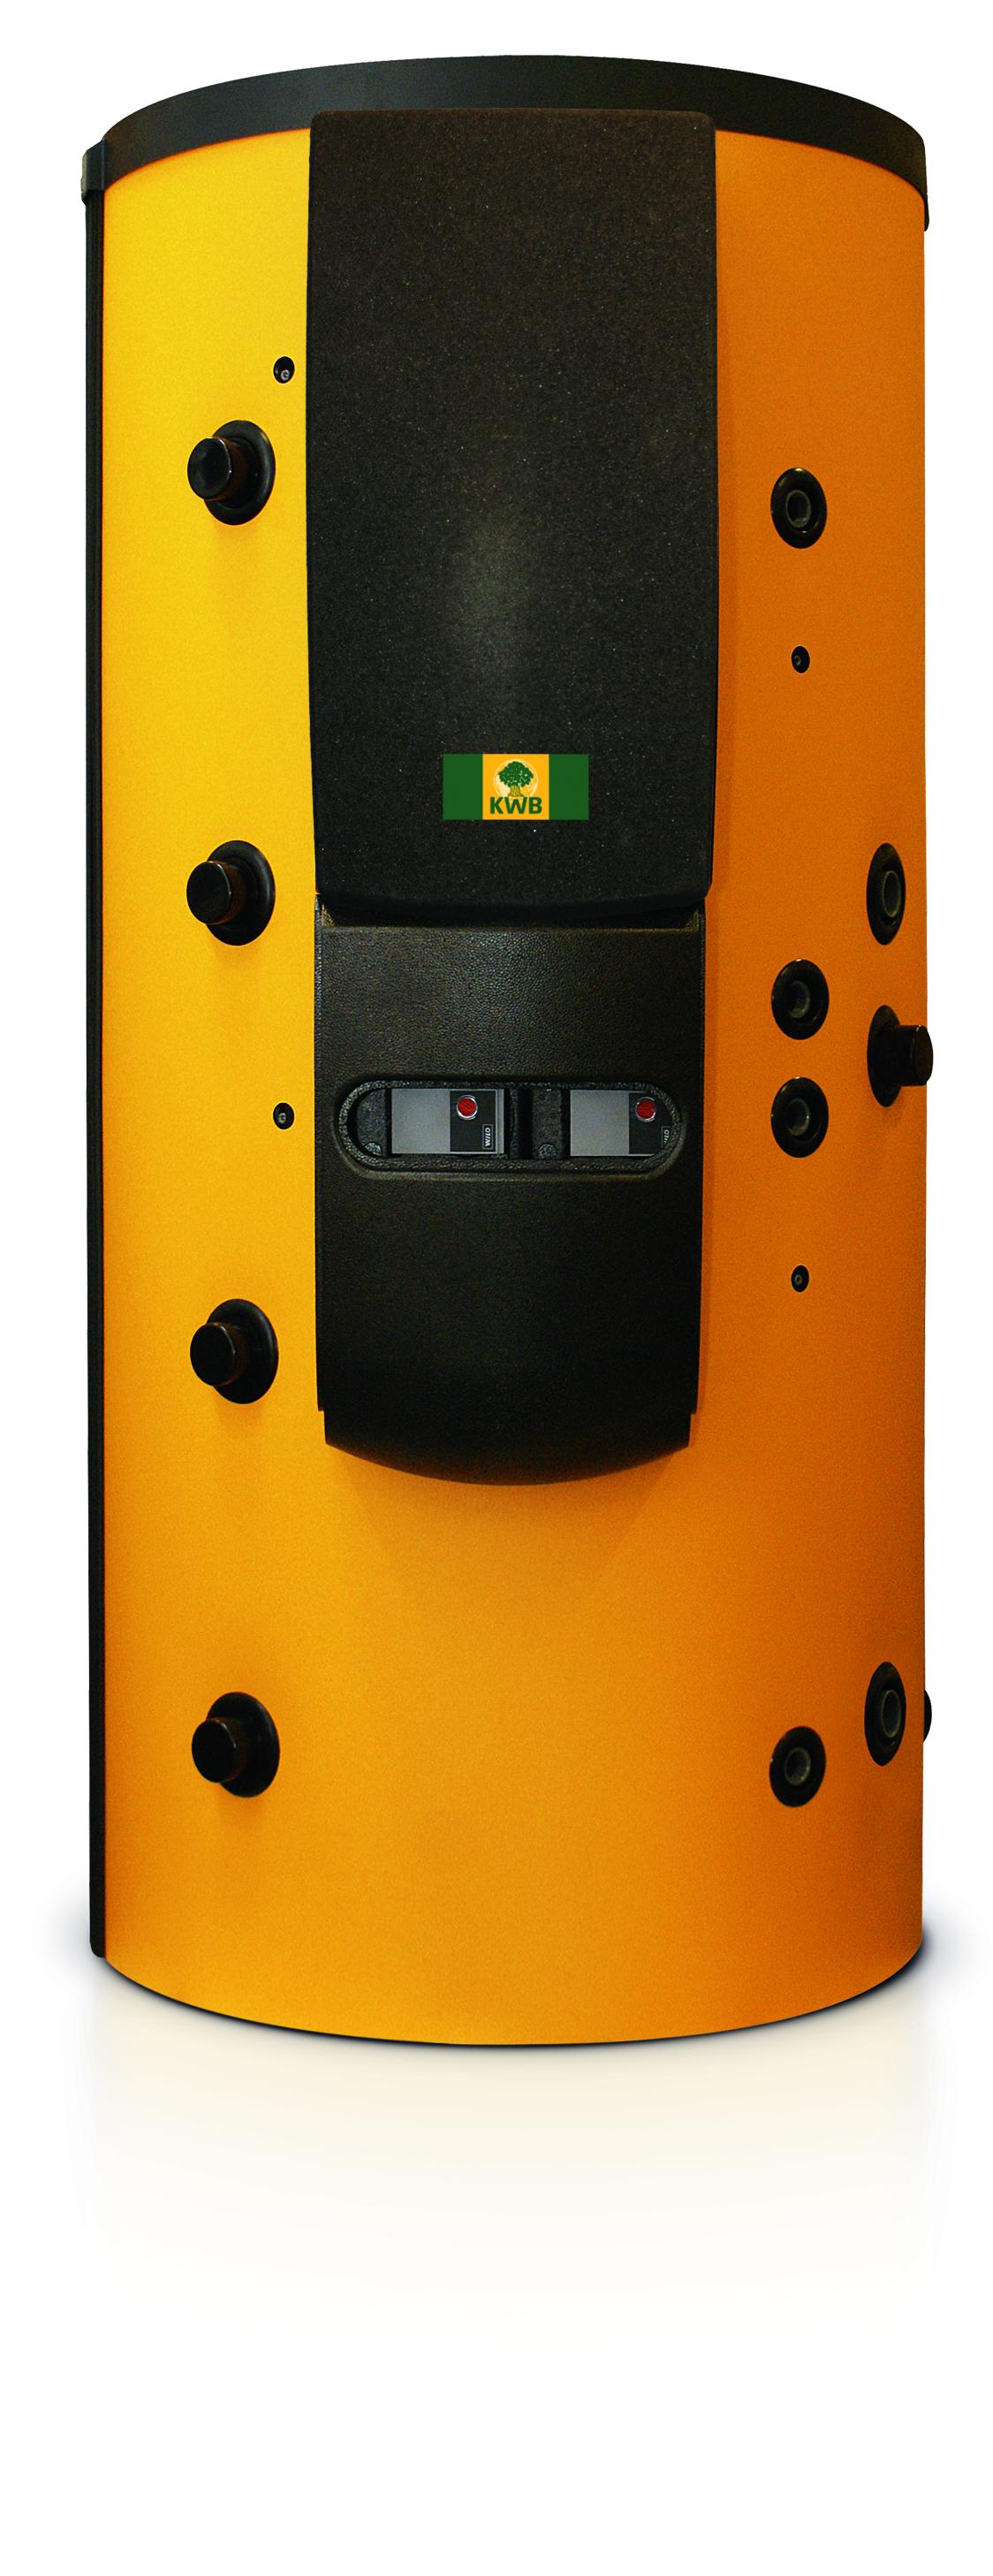 KWB Hot Water Storage